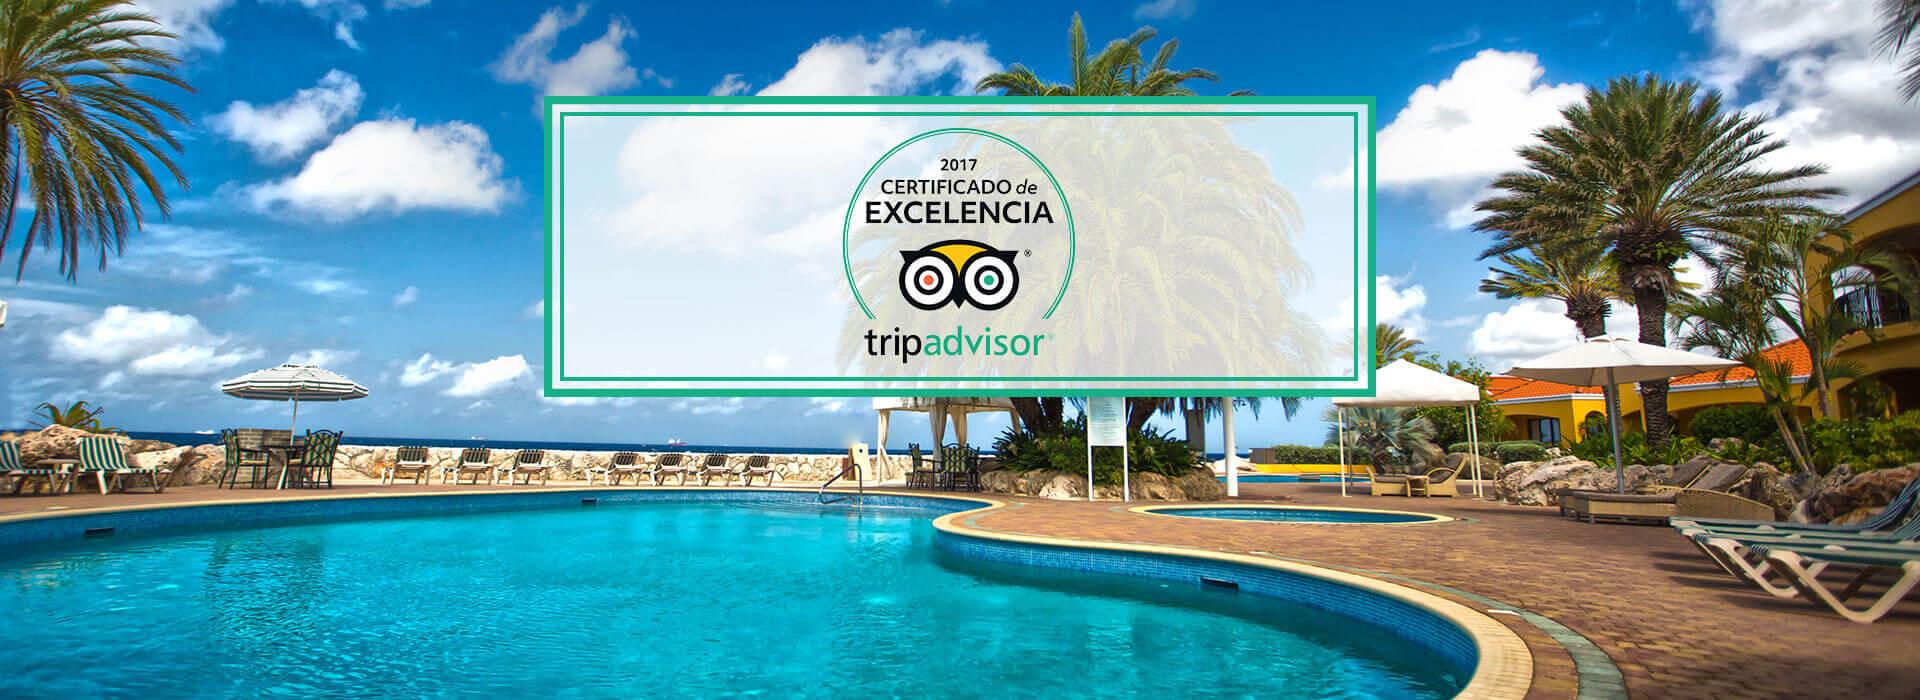 resort en Curacao para vacaciones en familia